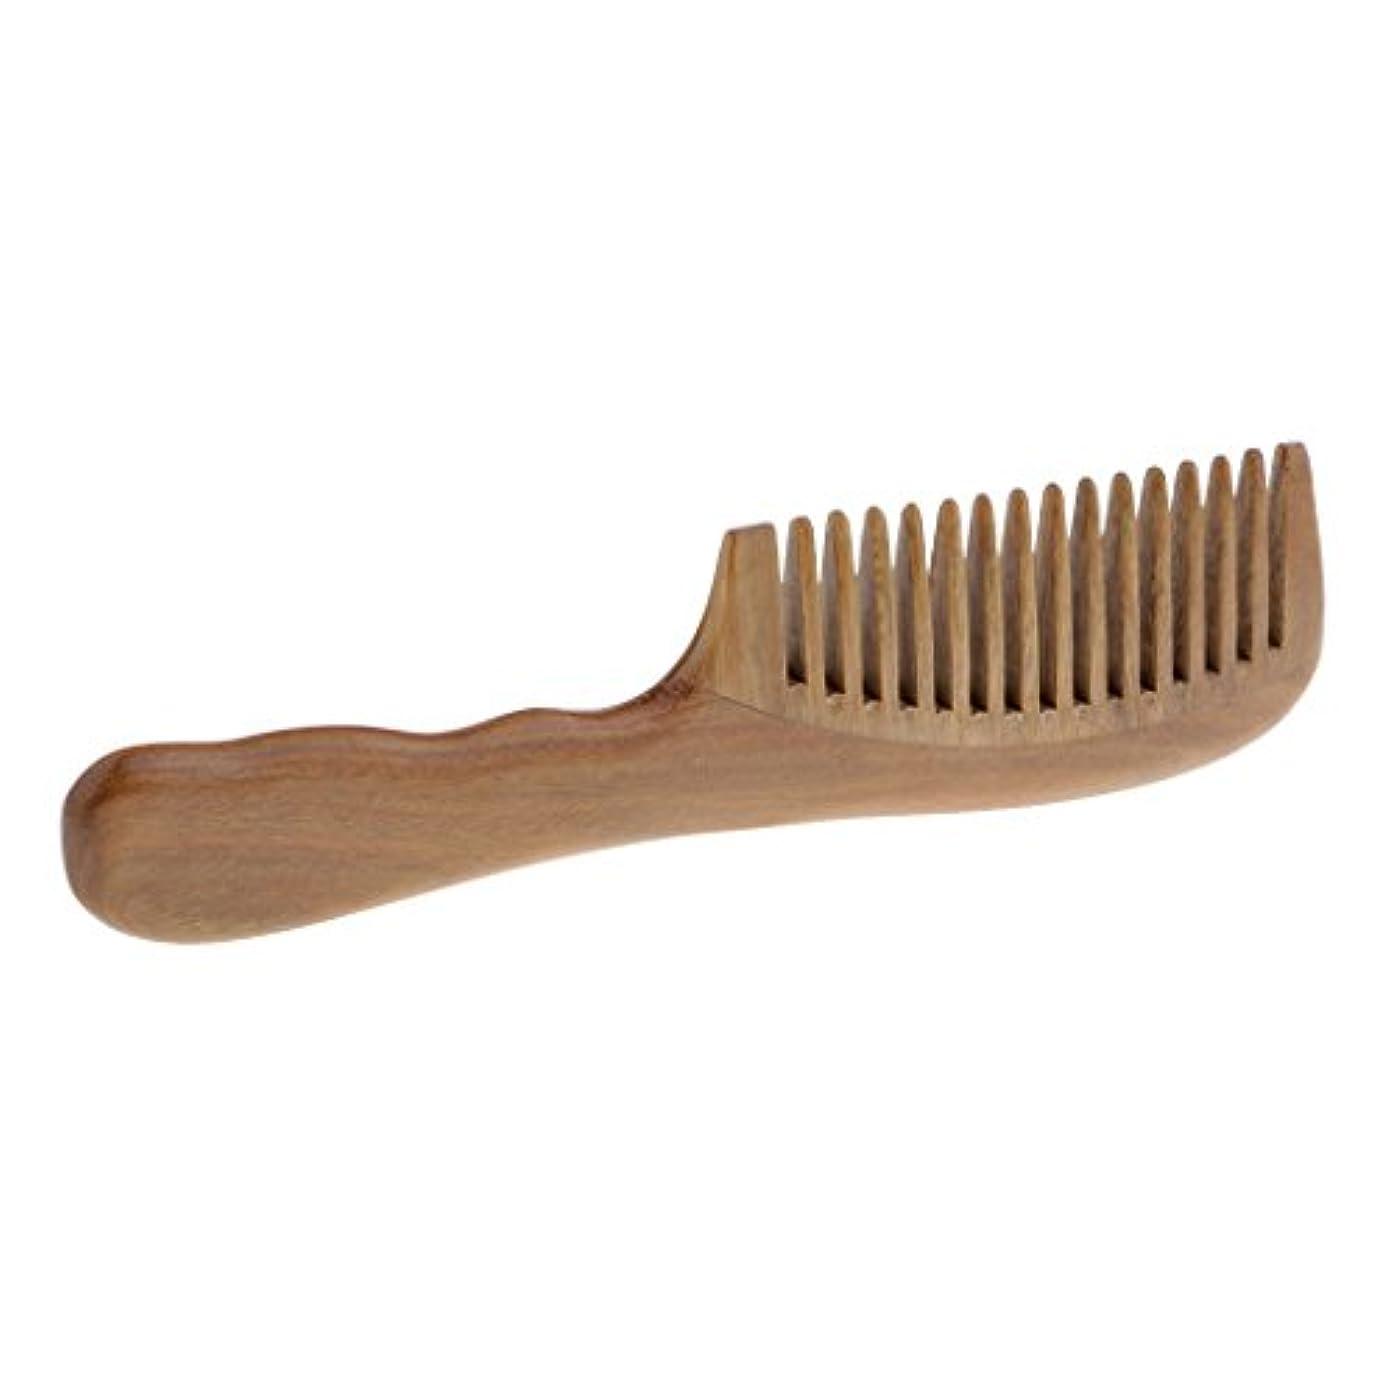 アリーナ黒くする先生ヘアコーム くし コーム 木製 木製櫛 頭皮マッサージ ヘアケア 帯電防止2タイプ選べる - 広い歯